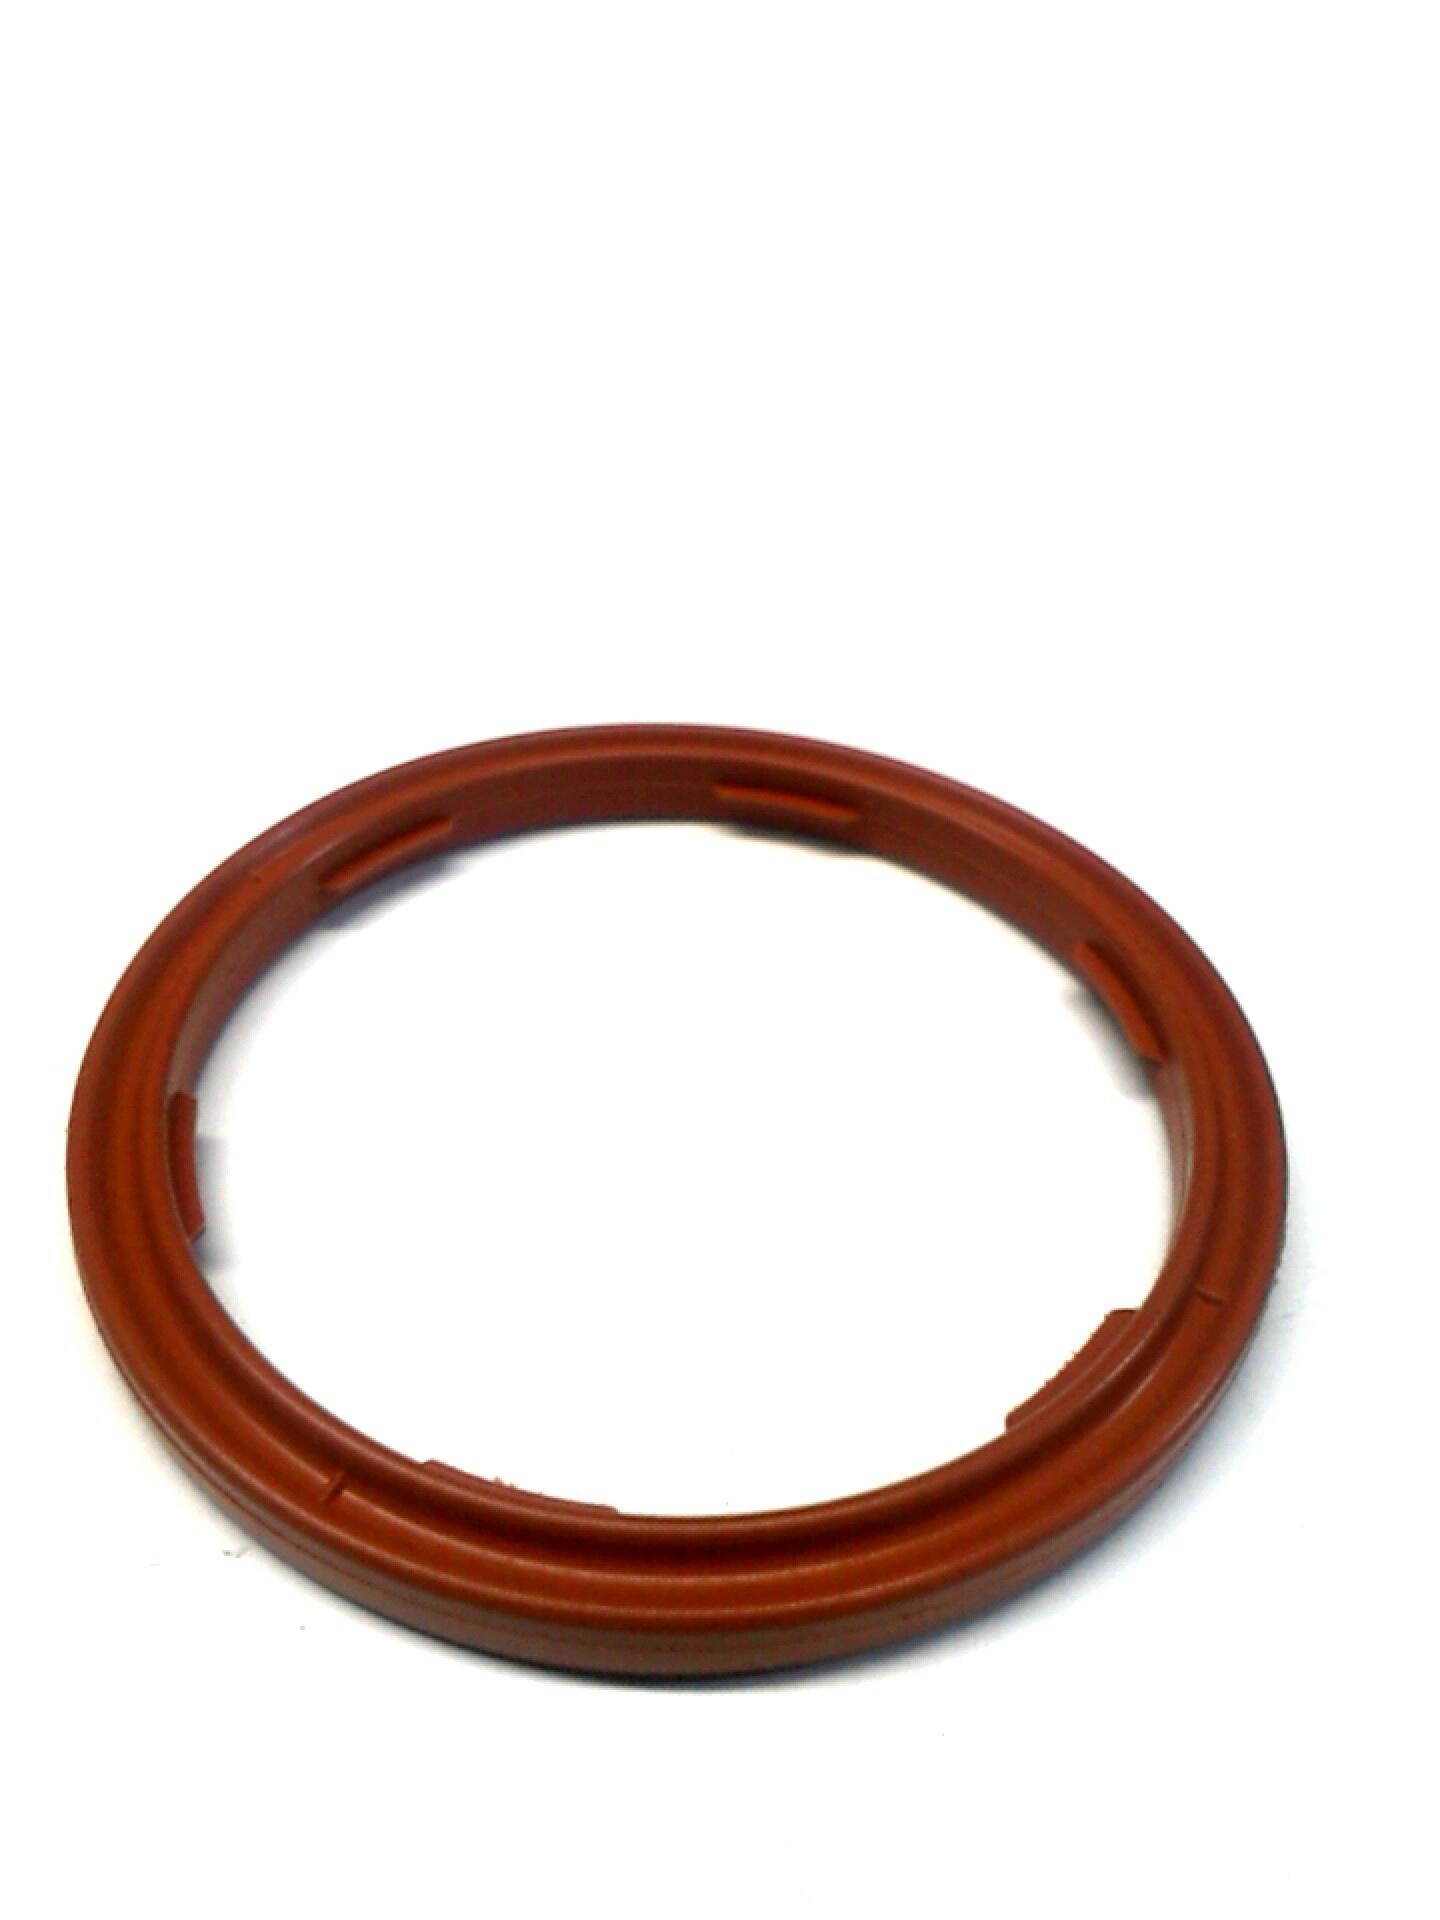 Bmw 328i Gasket Ring Alpina Oil Pan 12611744292